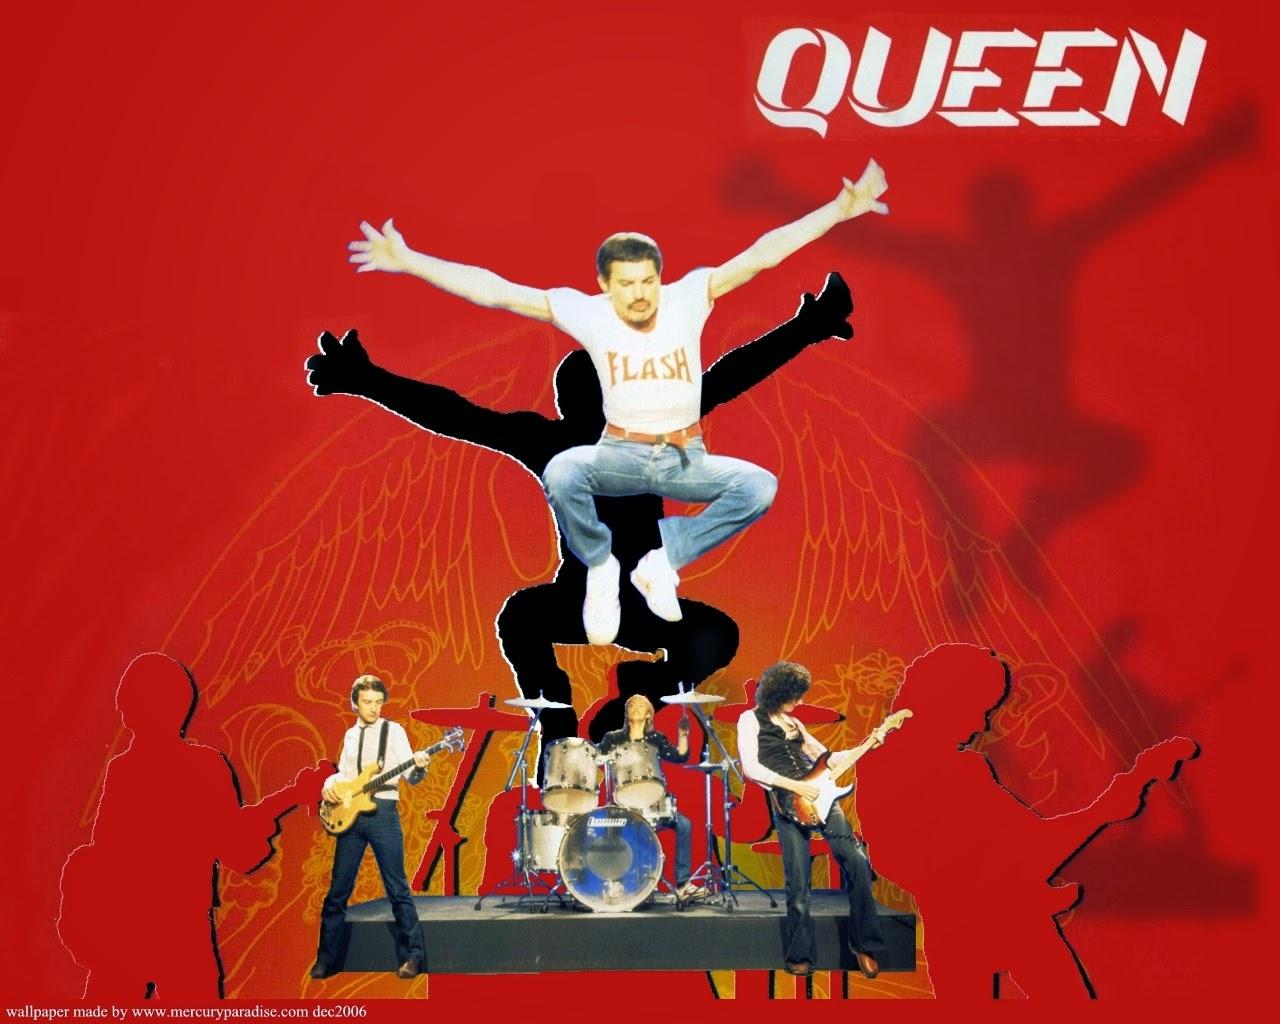 Simpsons Wallpapers 3d Wallpapers Hd Queen Wallpapers De La Banda Queen